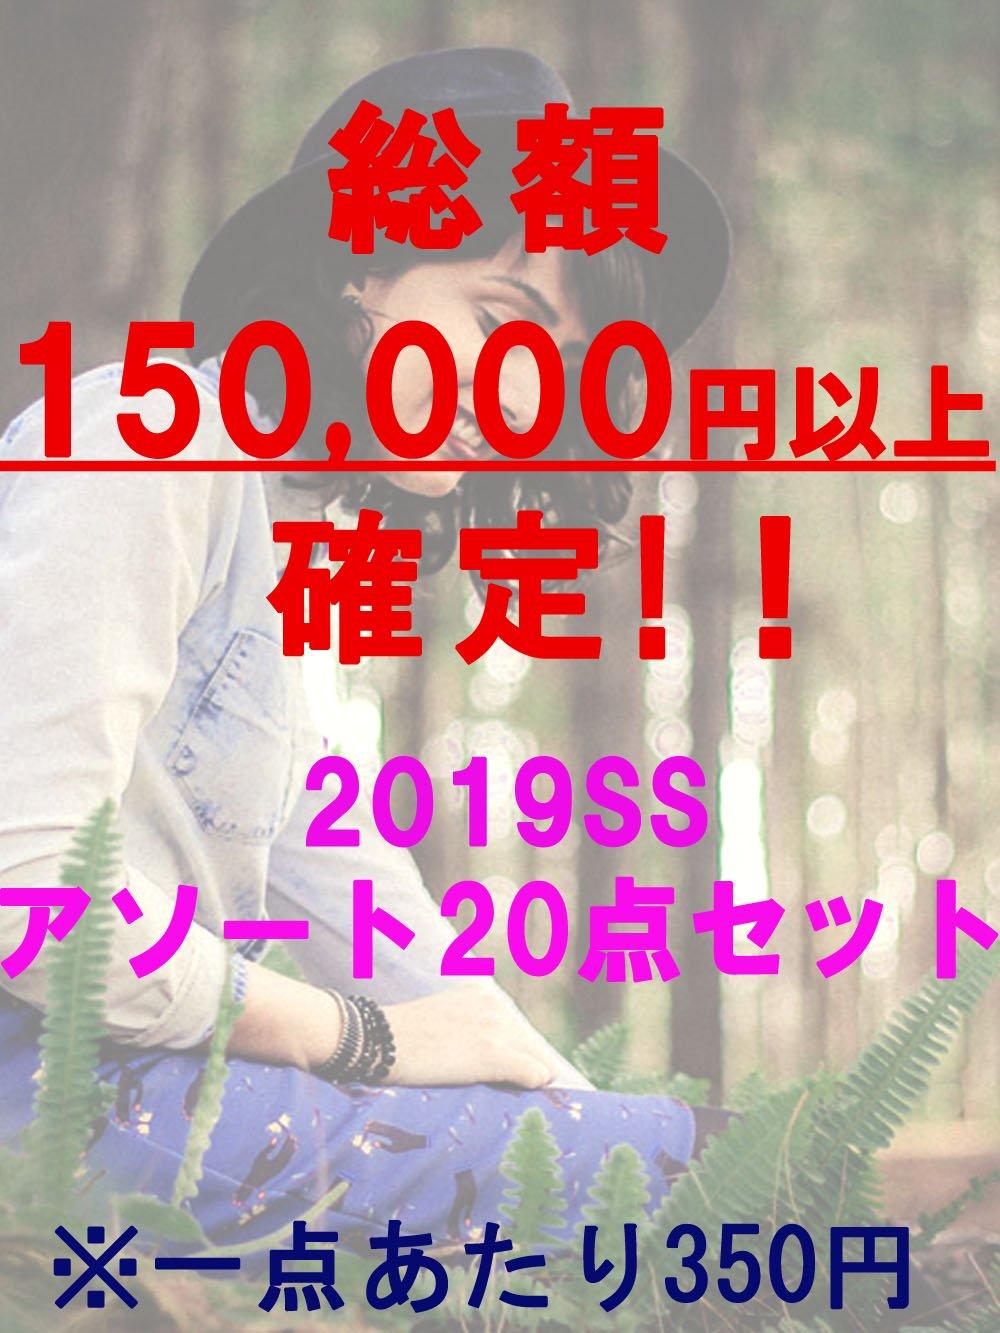 【総額150,000円以上確定!】2019SSアソート20点セット@350円